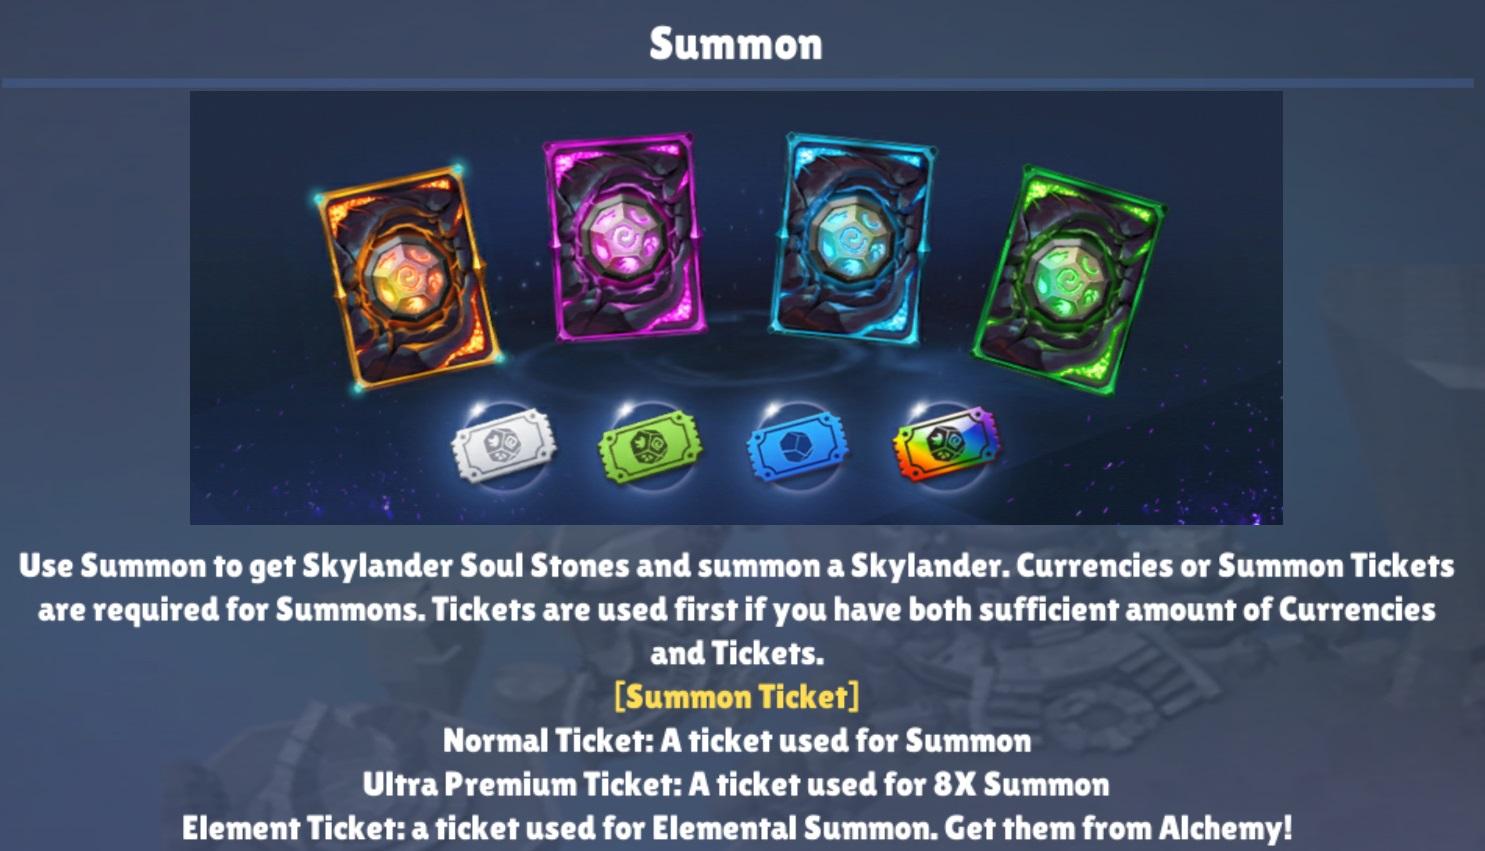 Summon Tickets